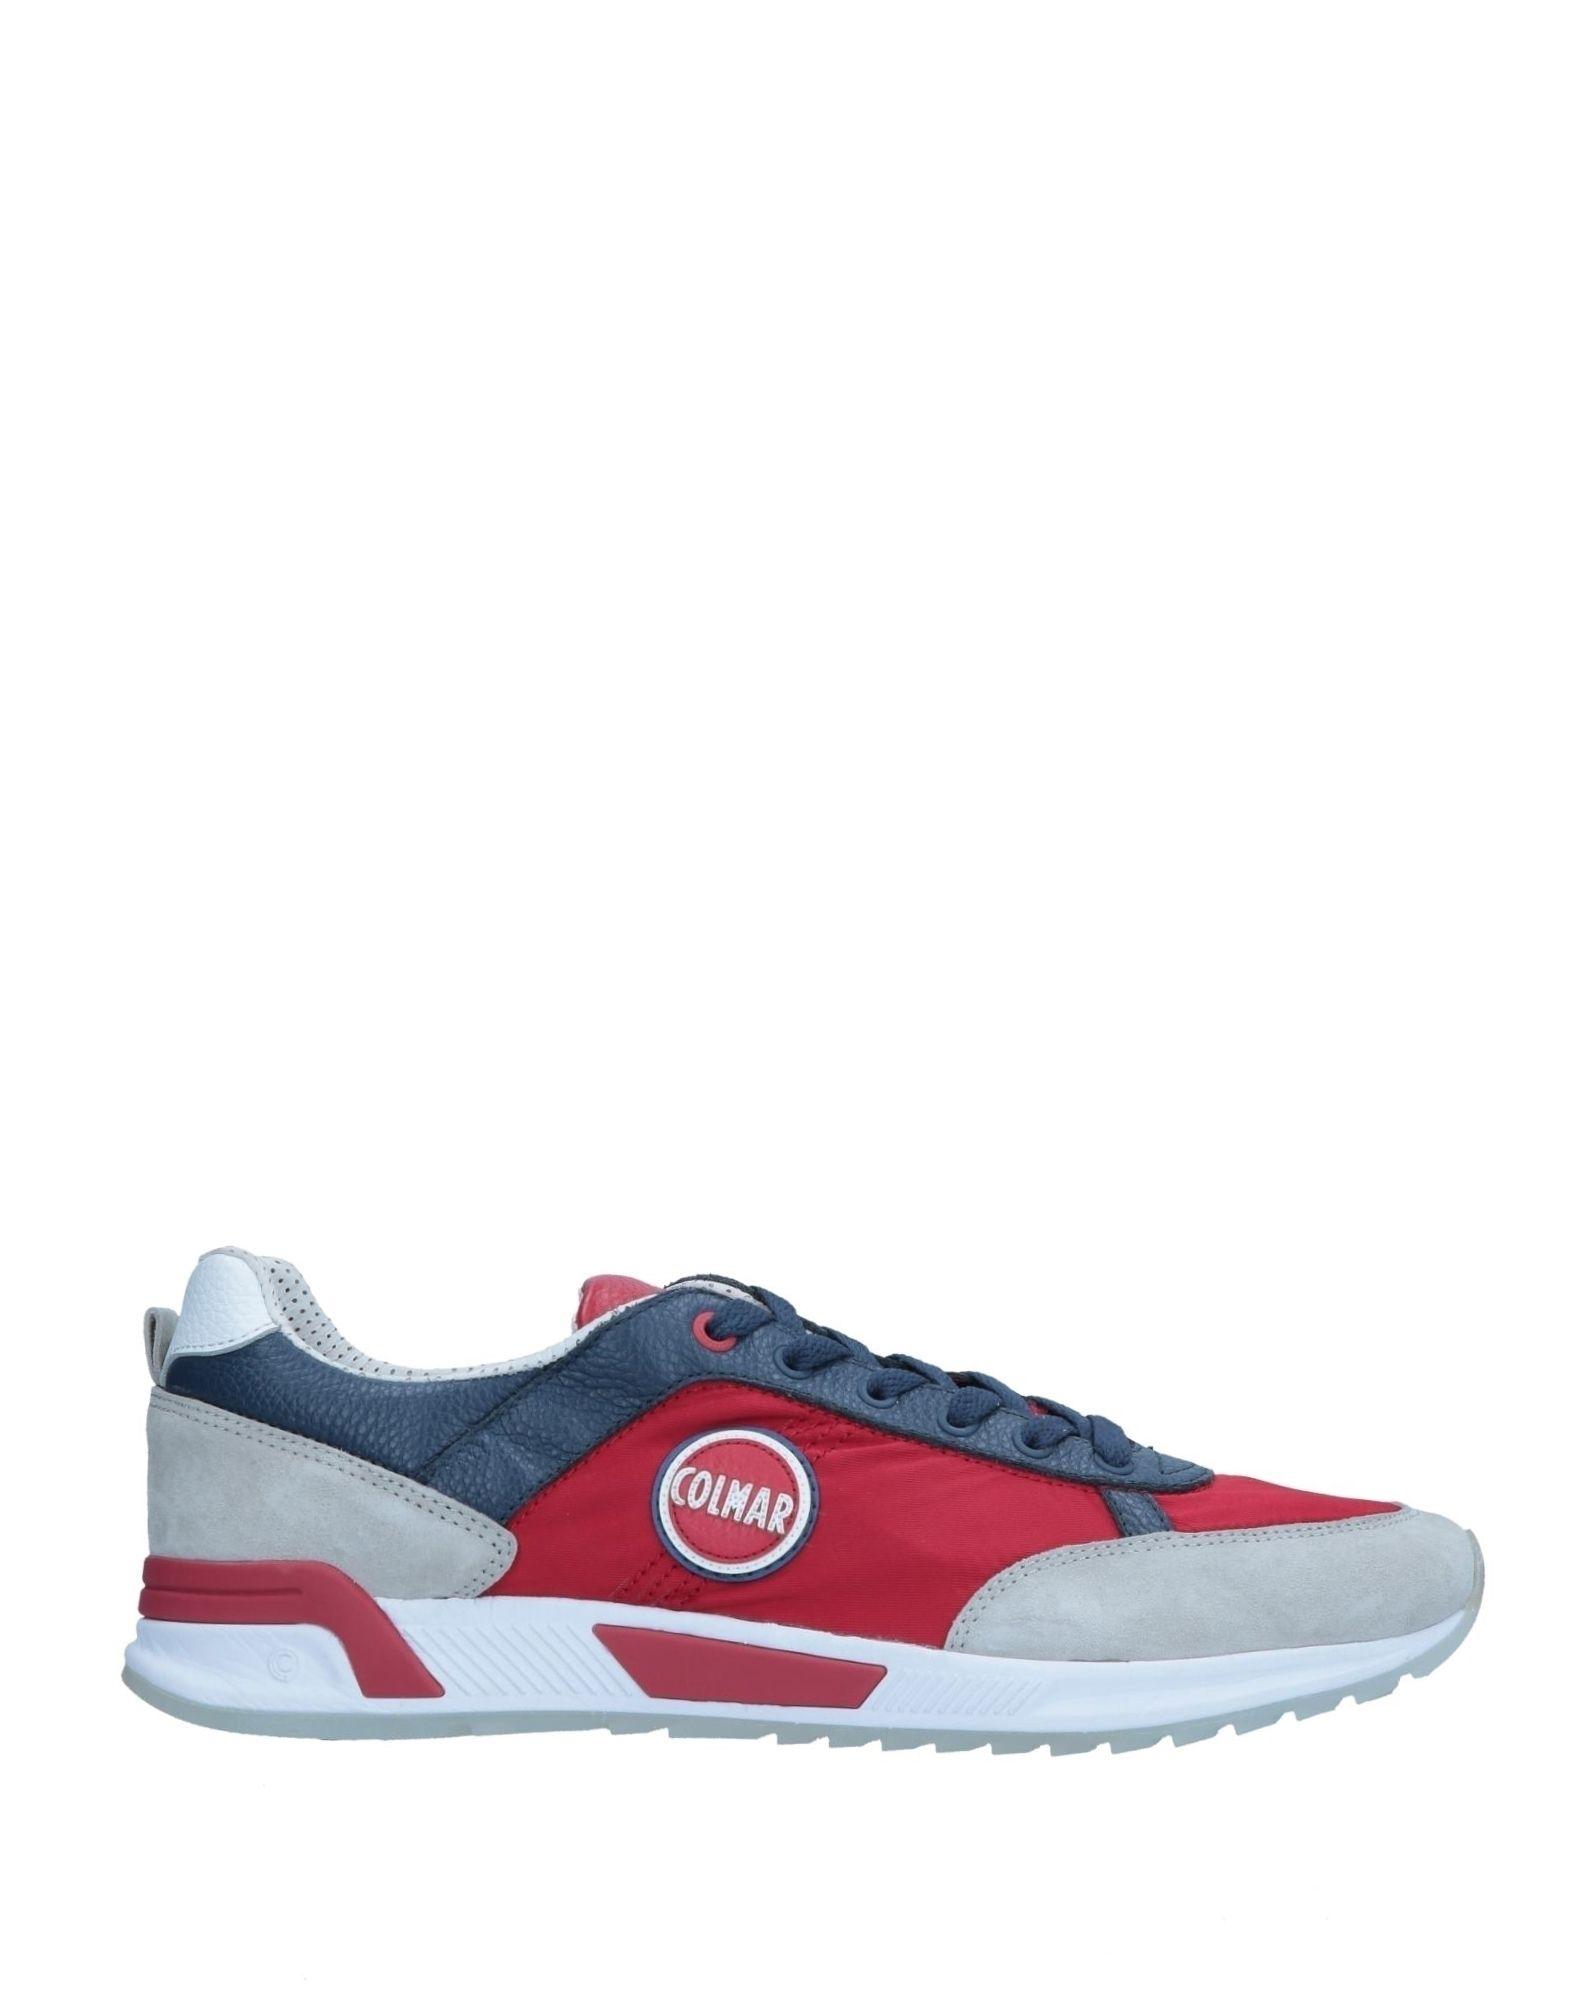 Rabatt echte Schuhe Colmar Sneakers Herren  11546469PK